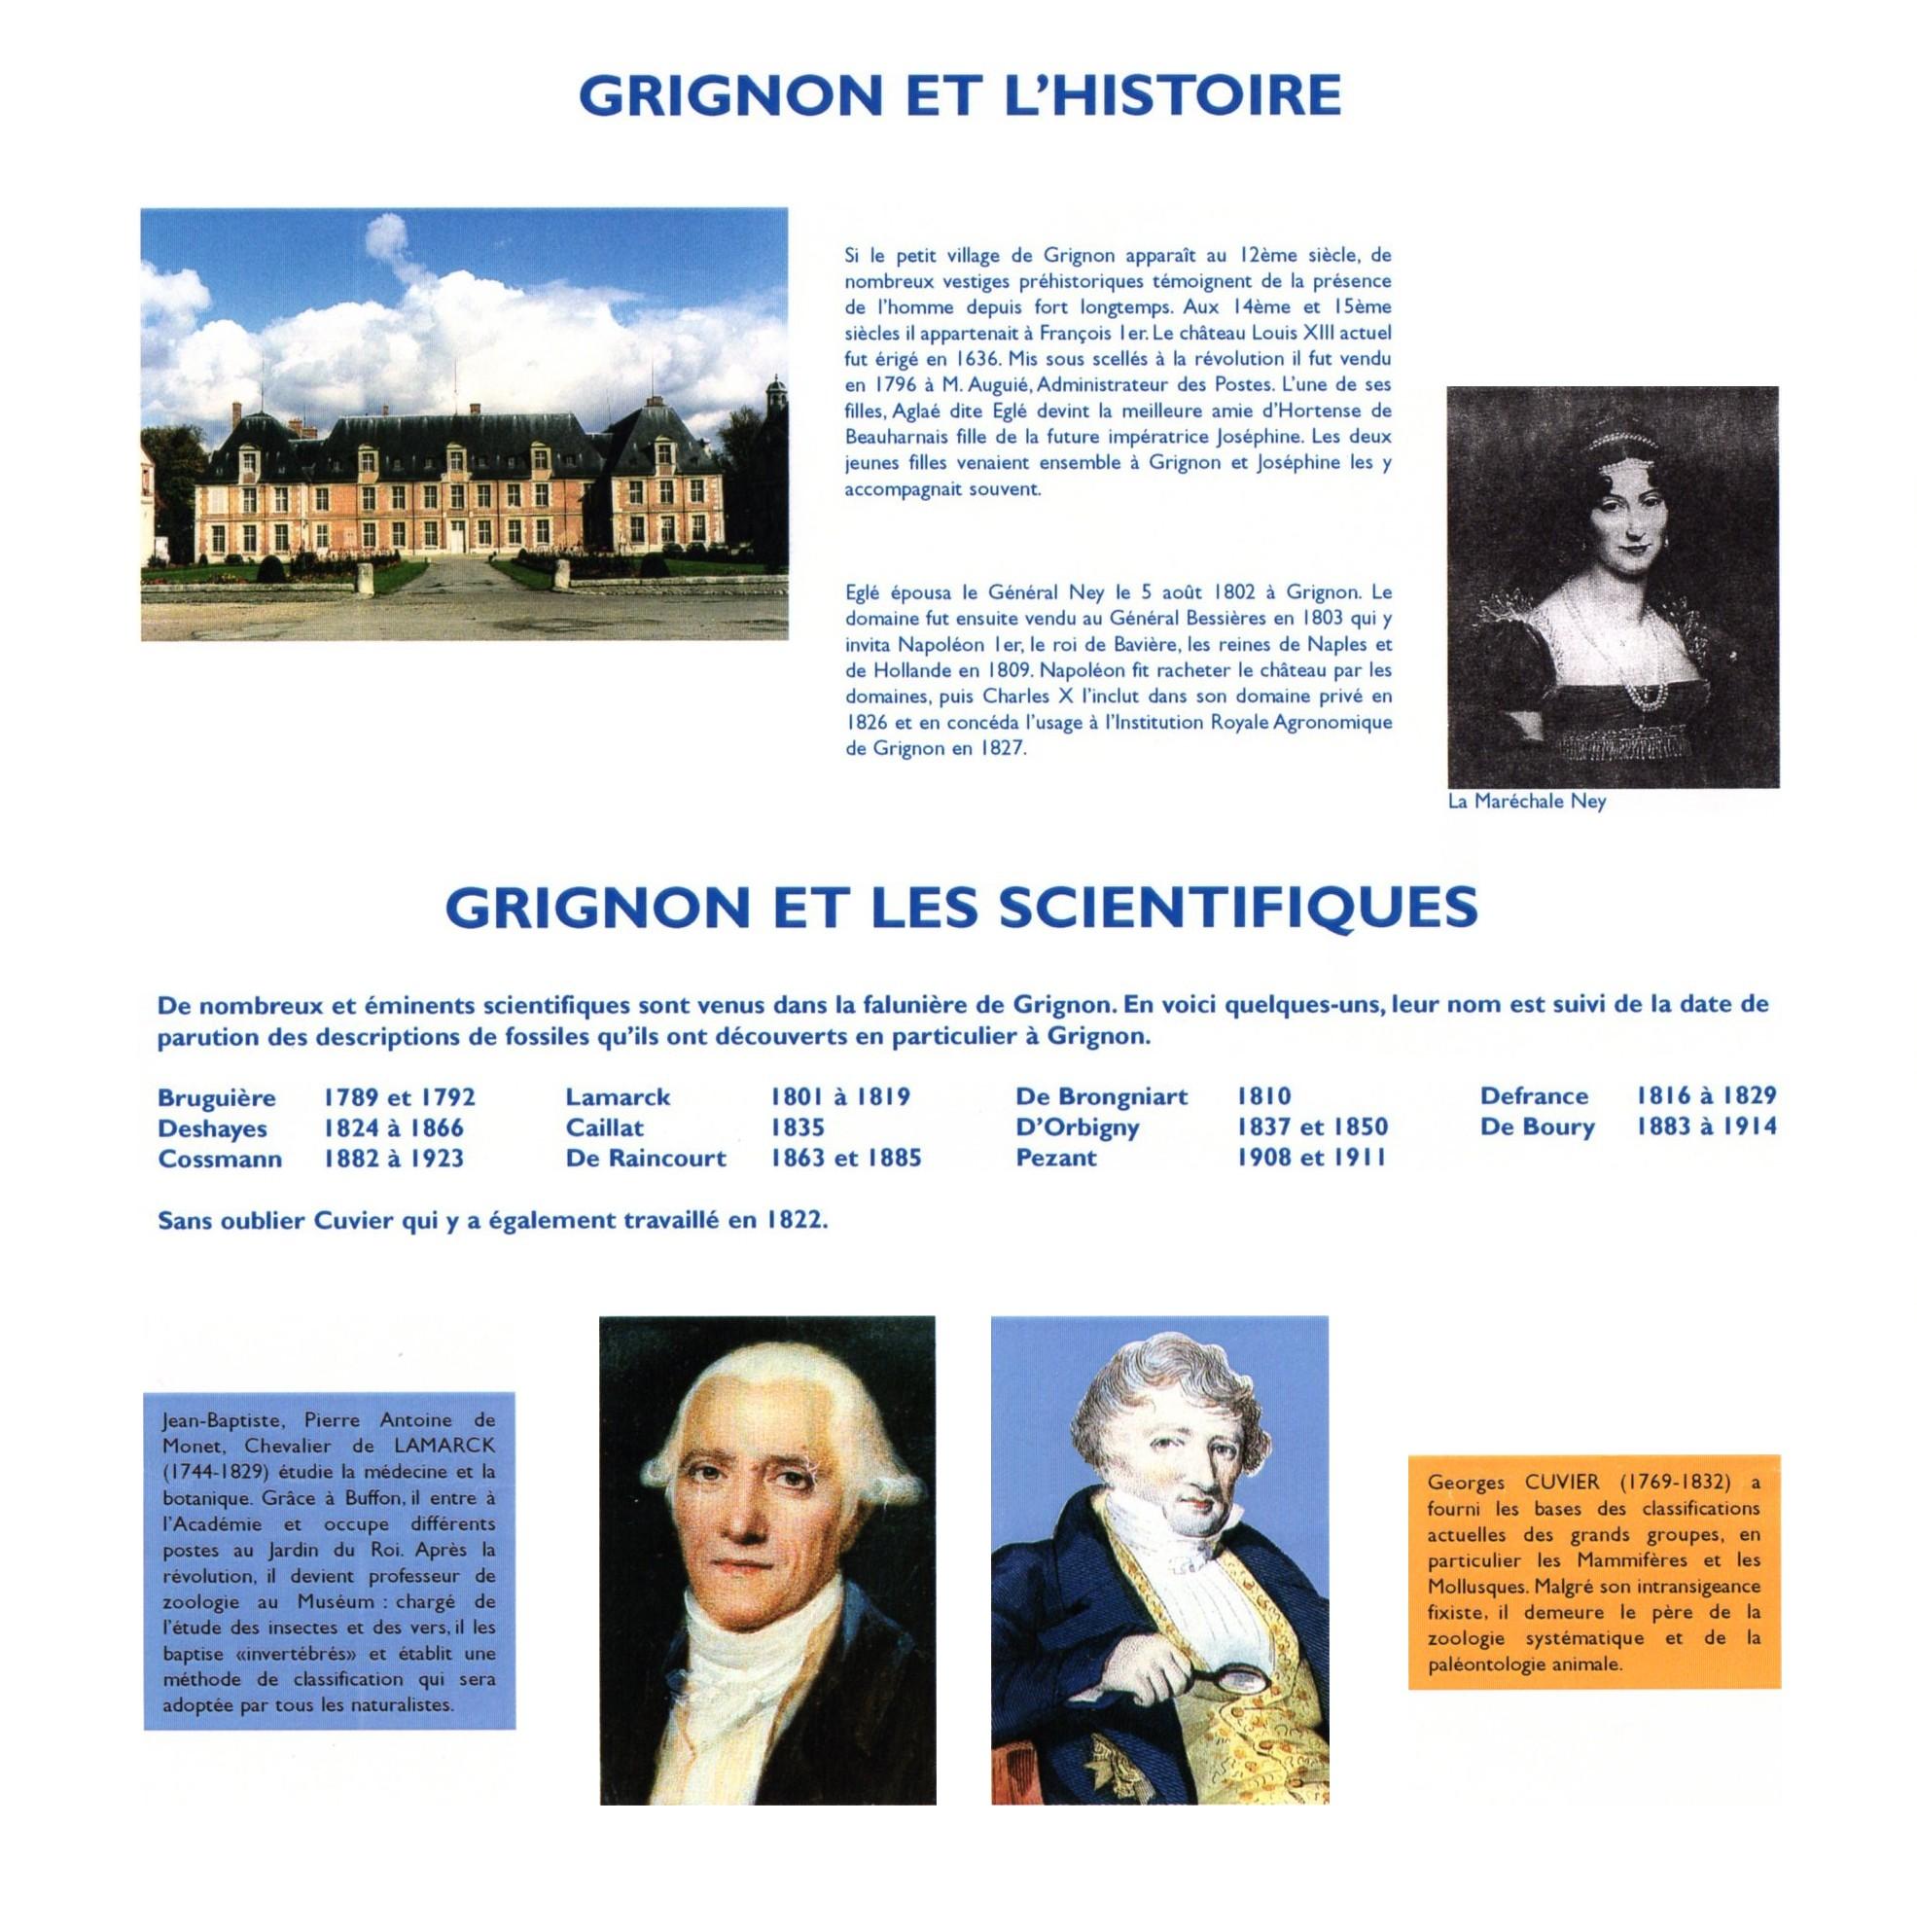 Grignon et les Scientifiques